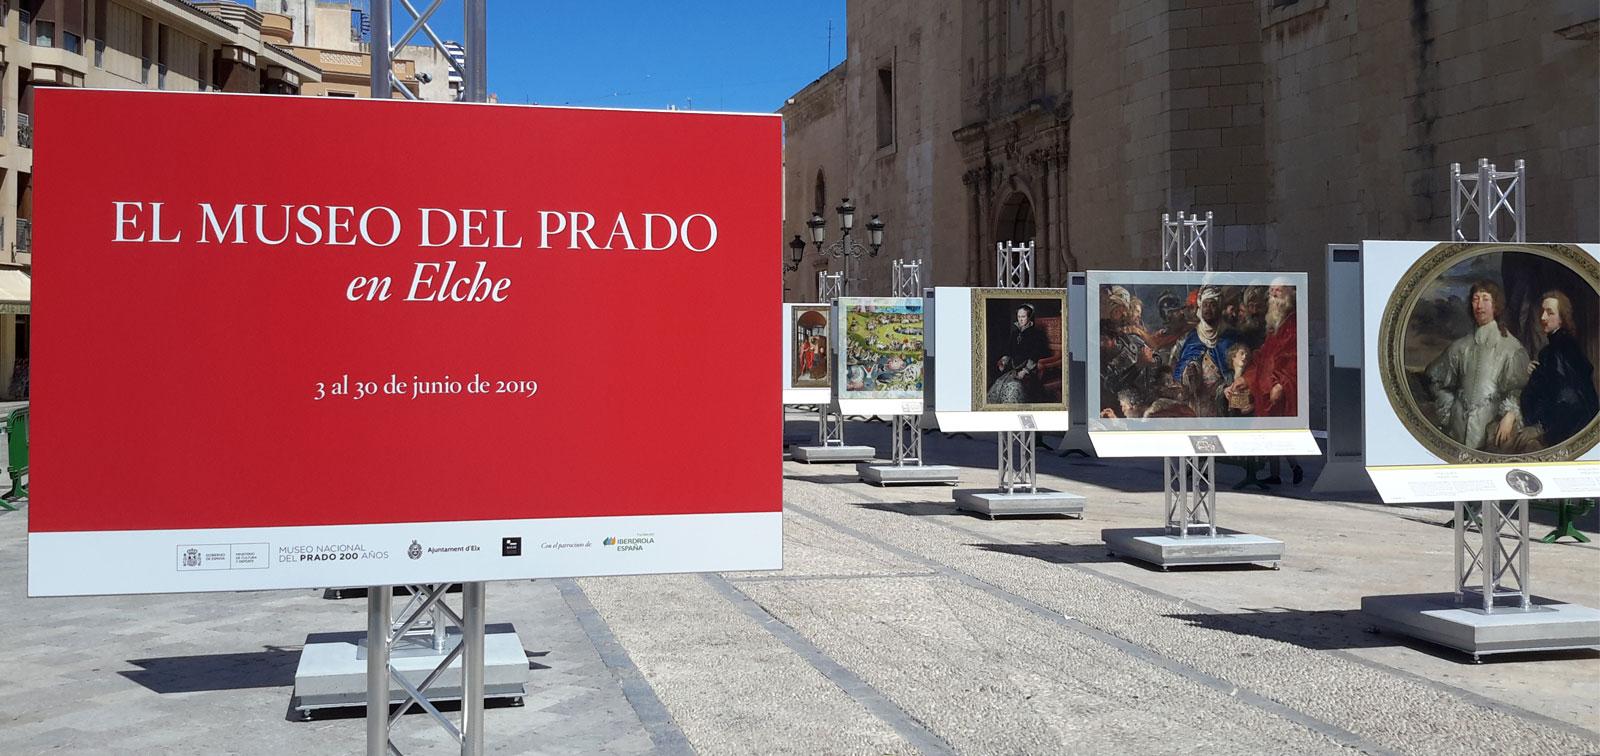 Exposición didáctica: El Museo del Prado en Elche